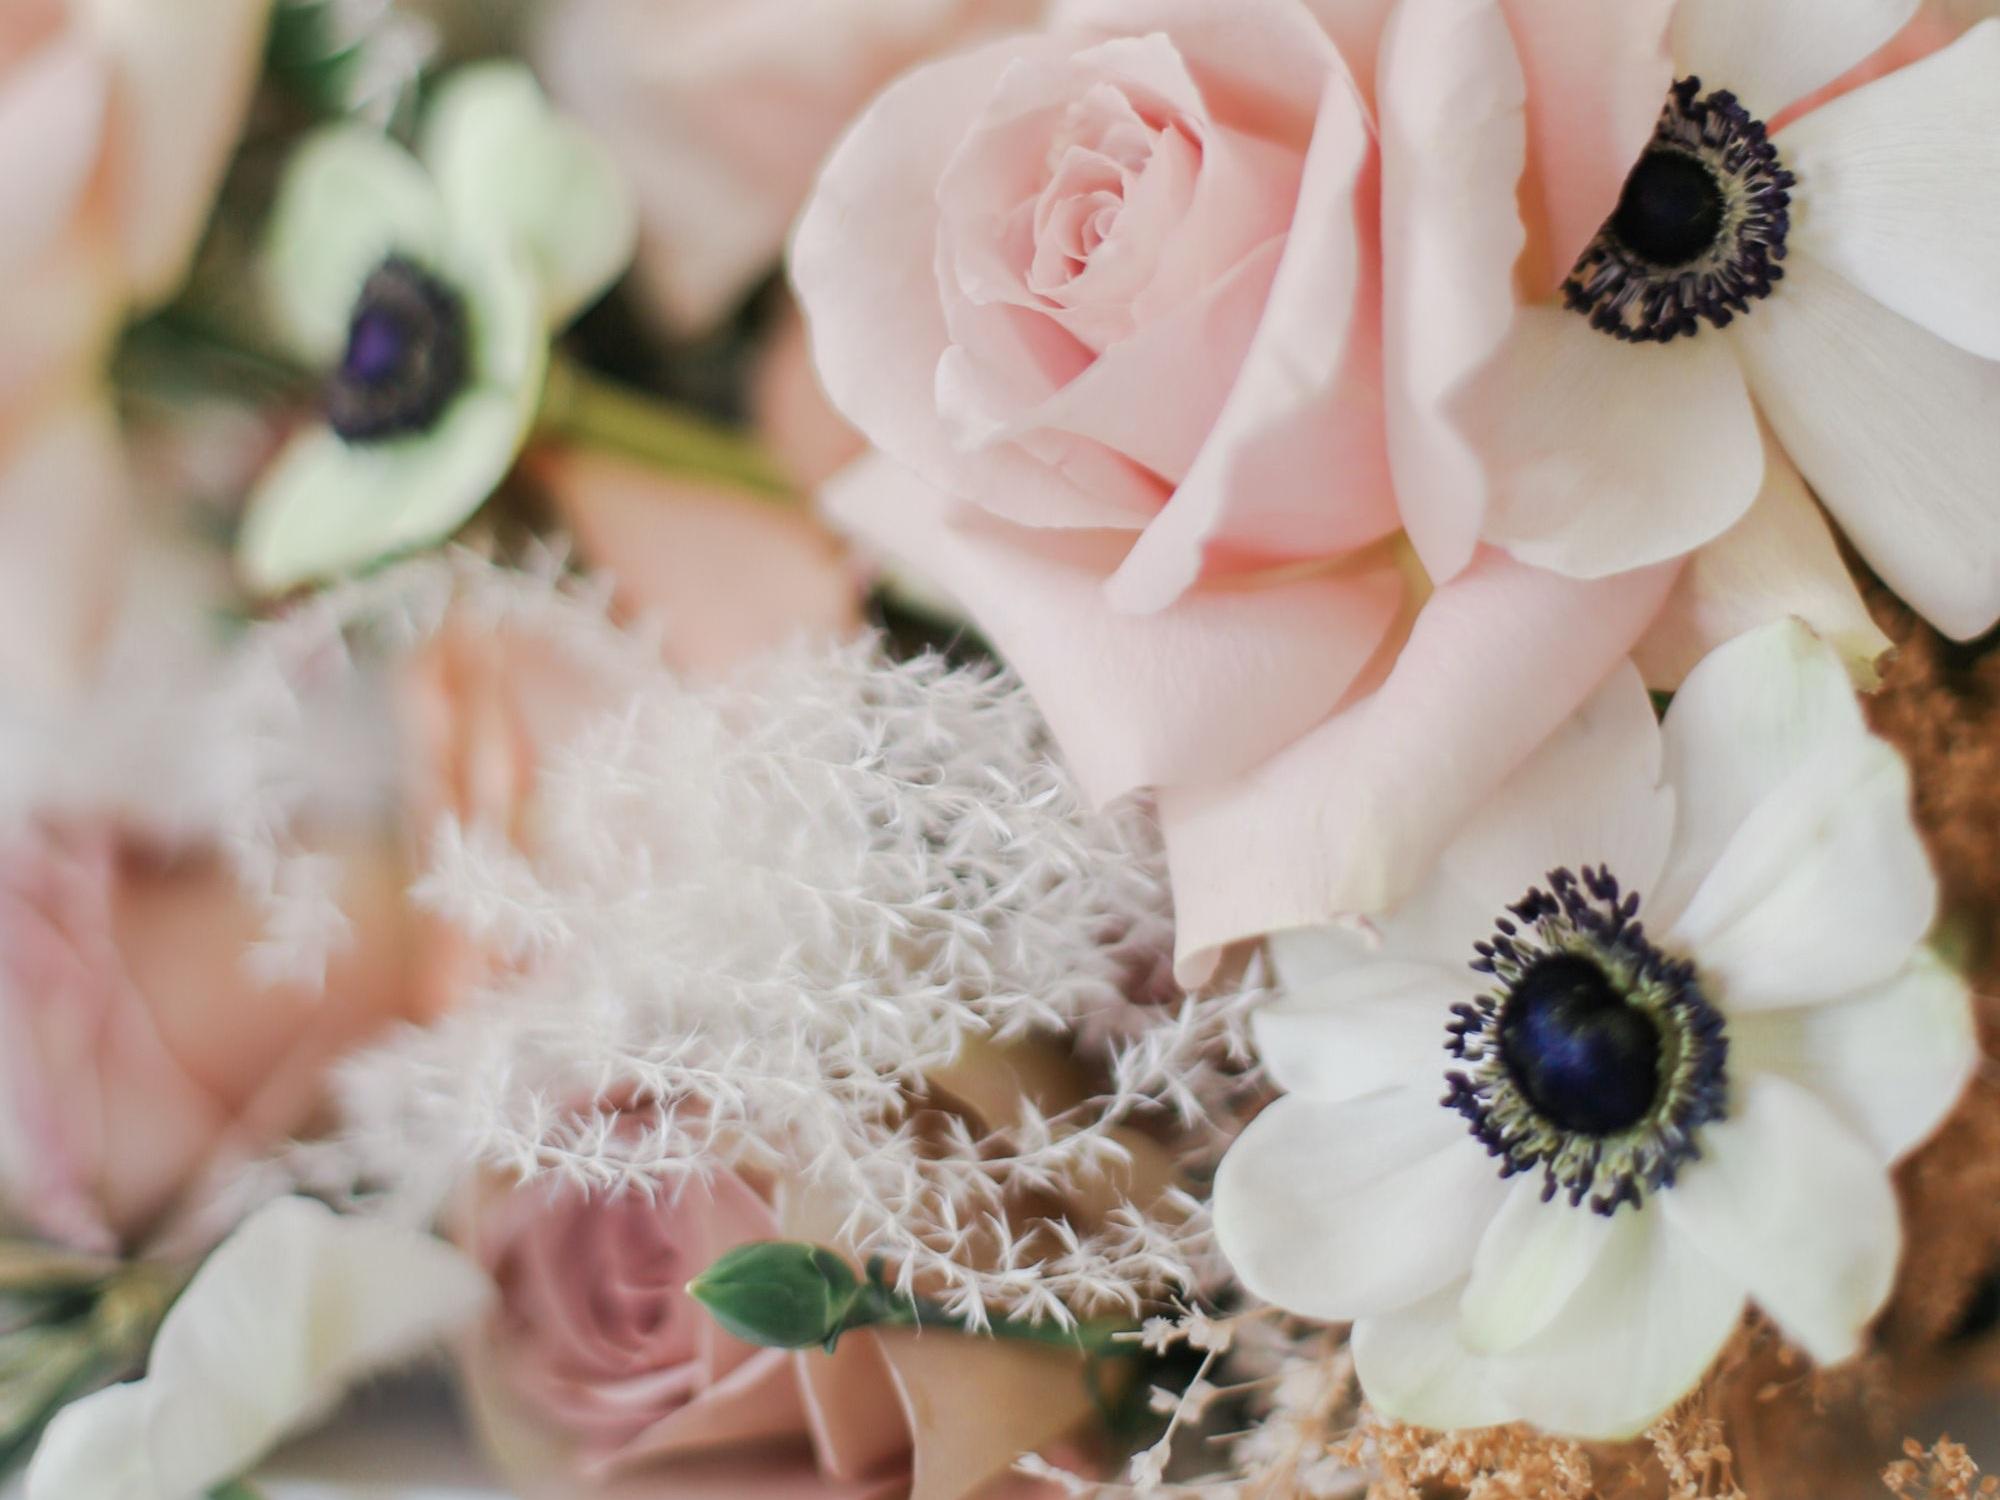 jennifer-hayward,roanoke-wedding-photographer,roanoke-maternity-photographer-4.jpg